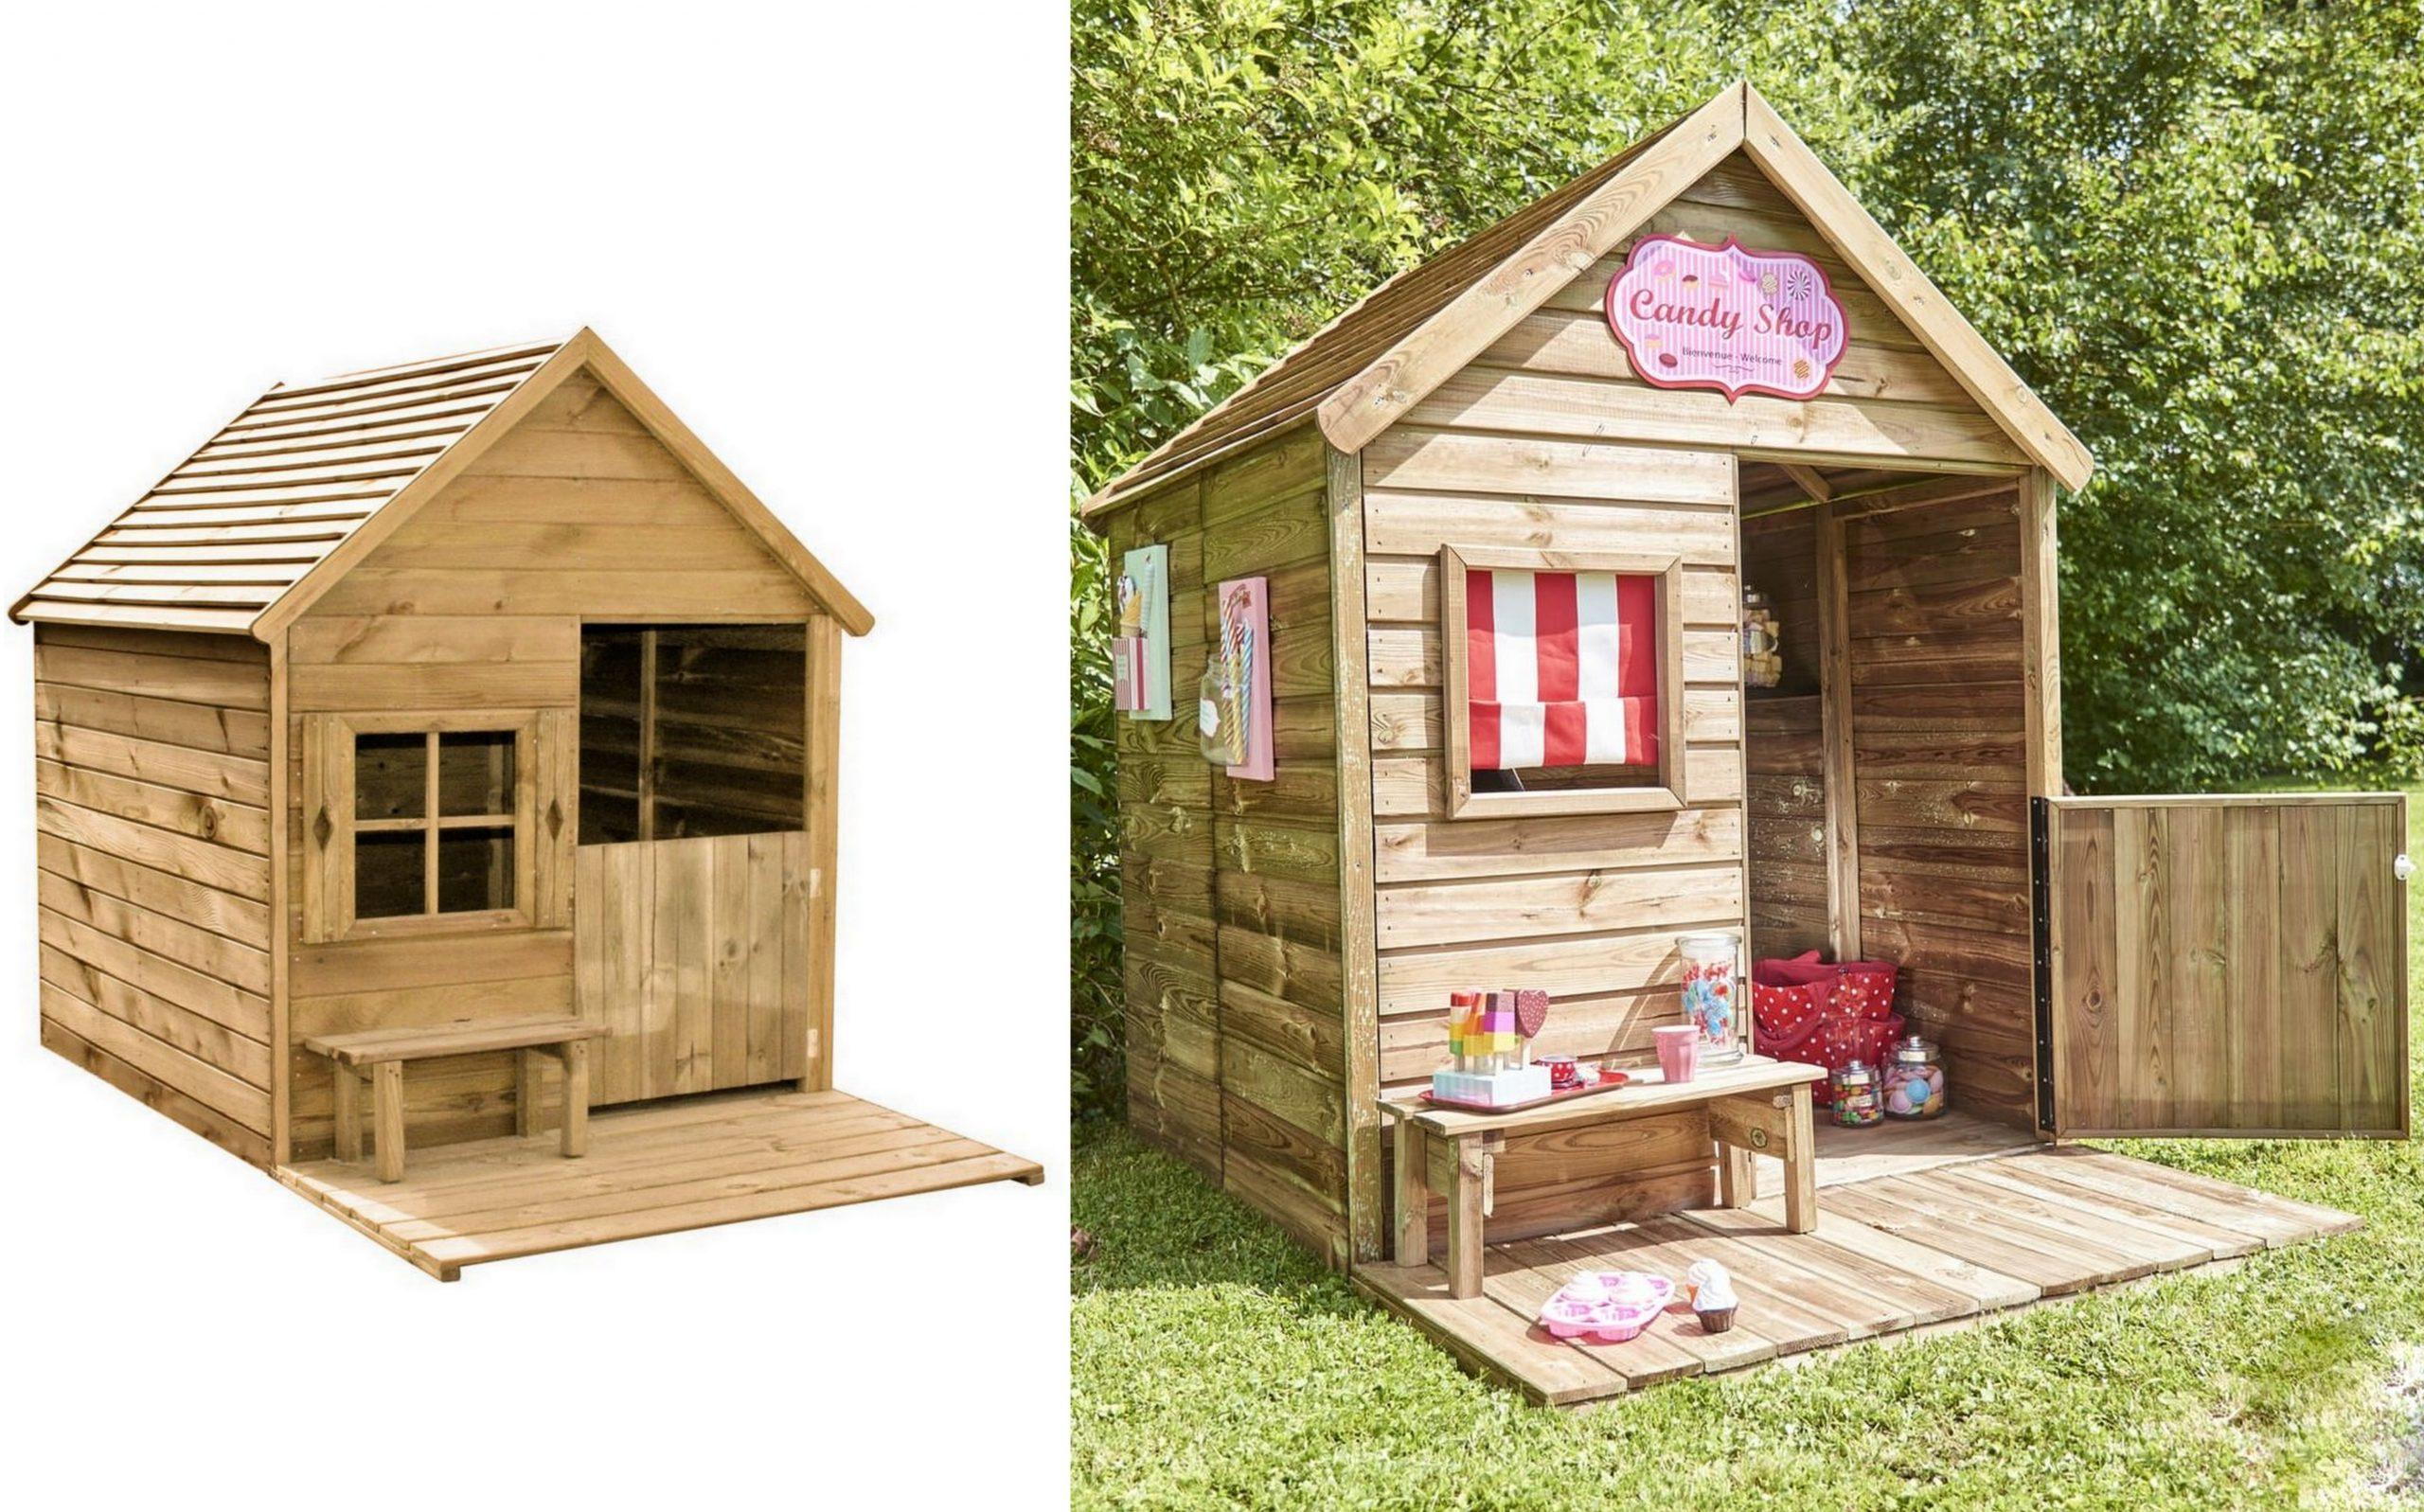 Une Cabane En Bois Pour Enfant À Prix Doux - Joli Place concernant Maison De Jardin Pour Enfants